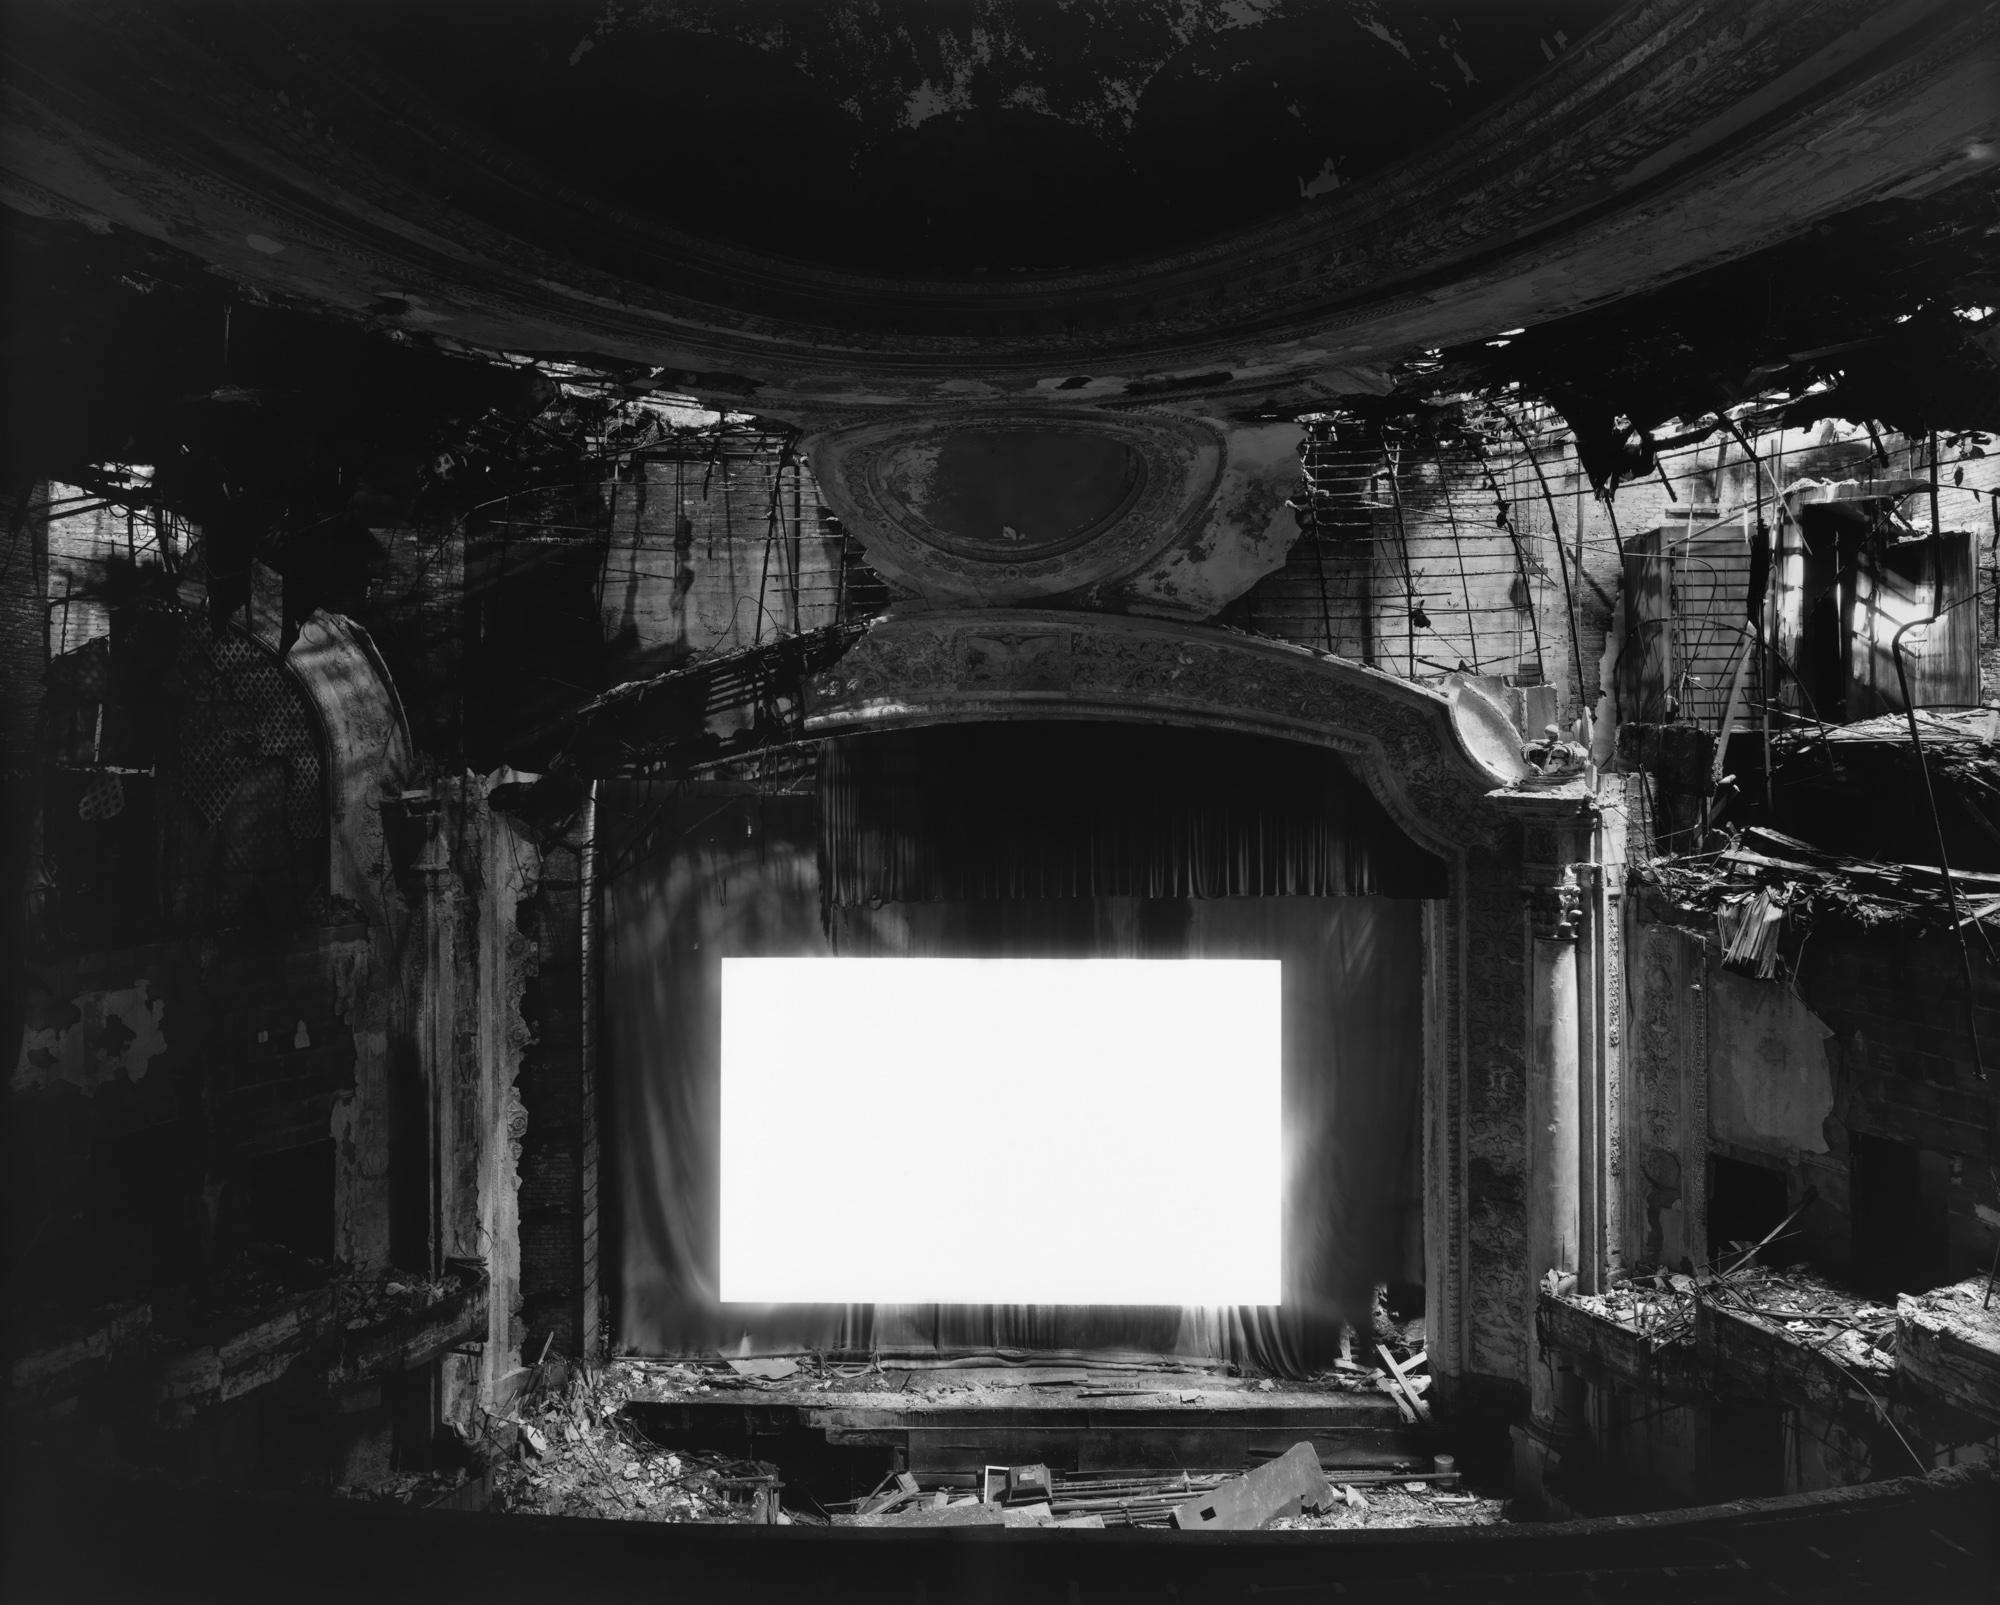 """Hiroshi Sugimoto, """"Paramount Theater in Newark, New Jersey"""" (c. 2000)"""